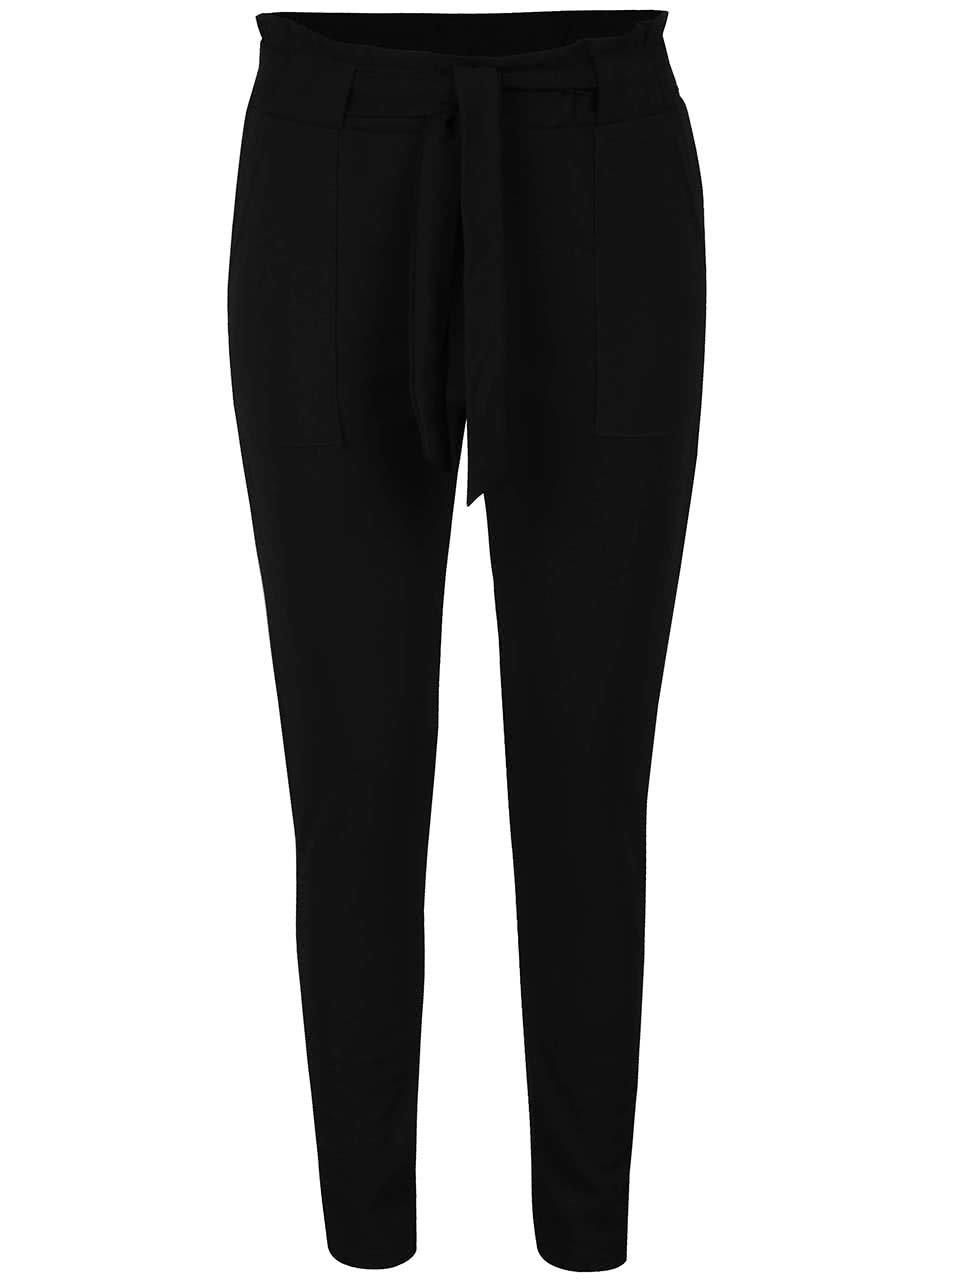 Černé volné kalhoty se zavazováním Haily's Zana